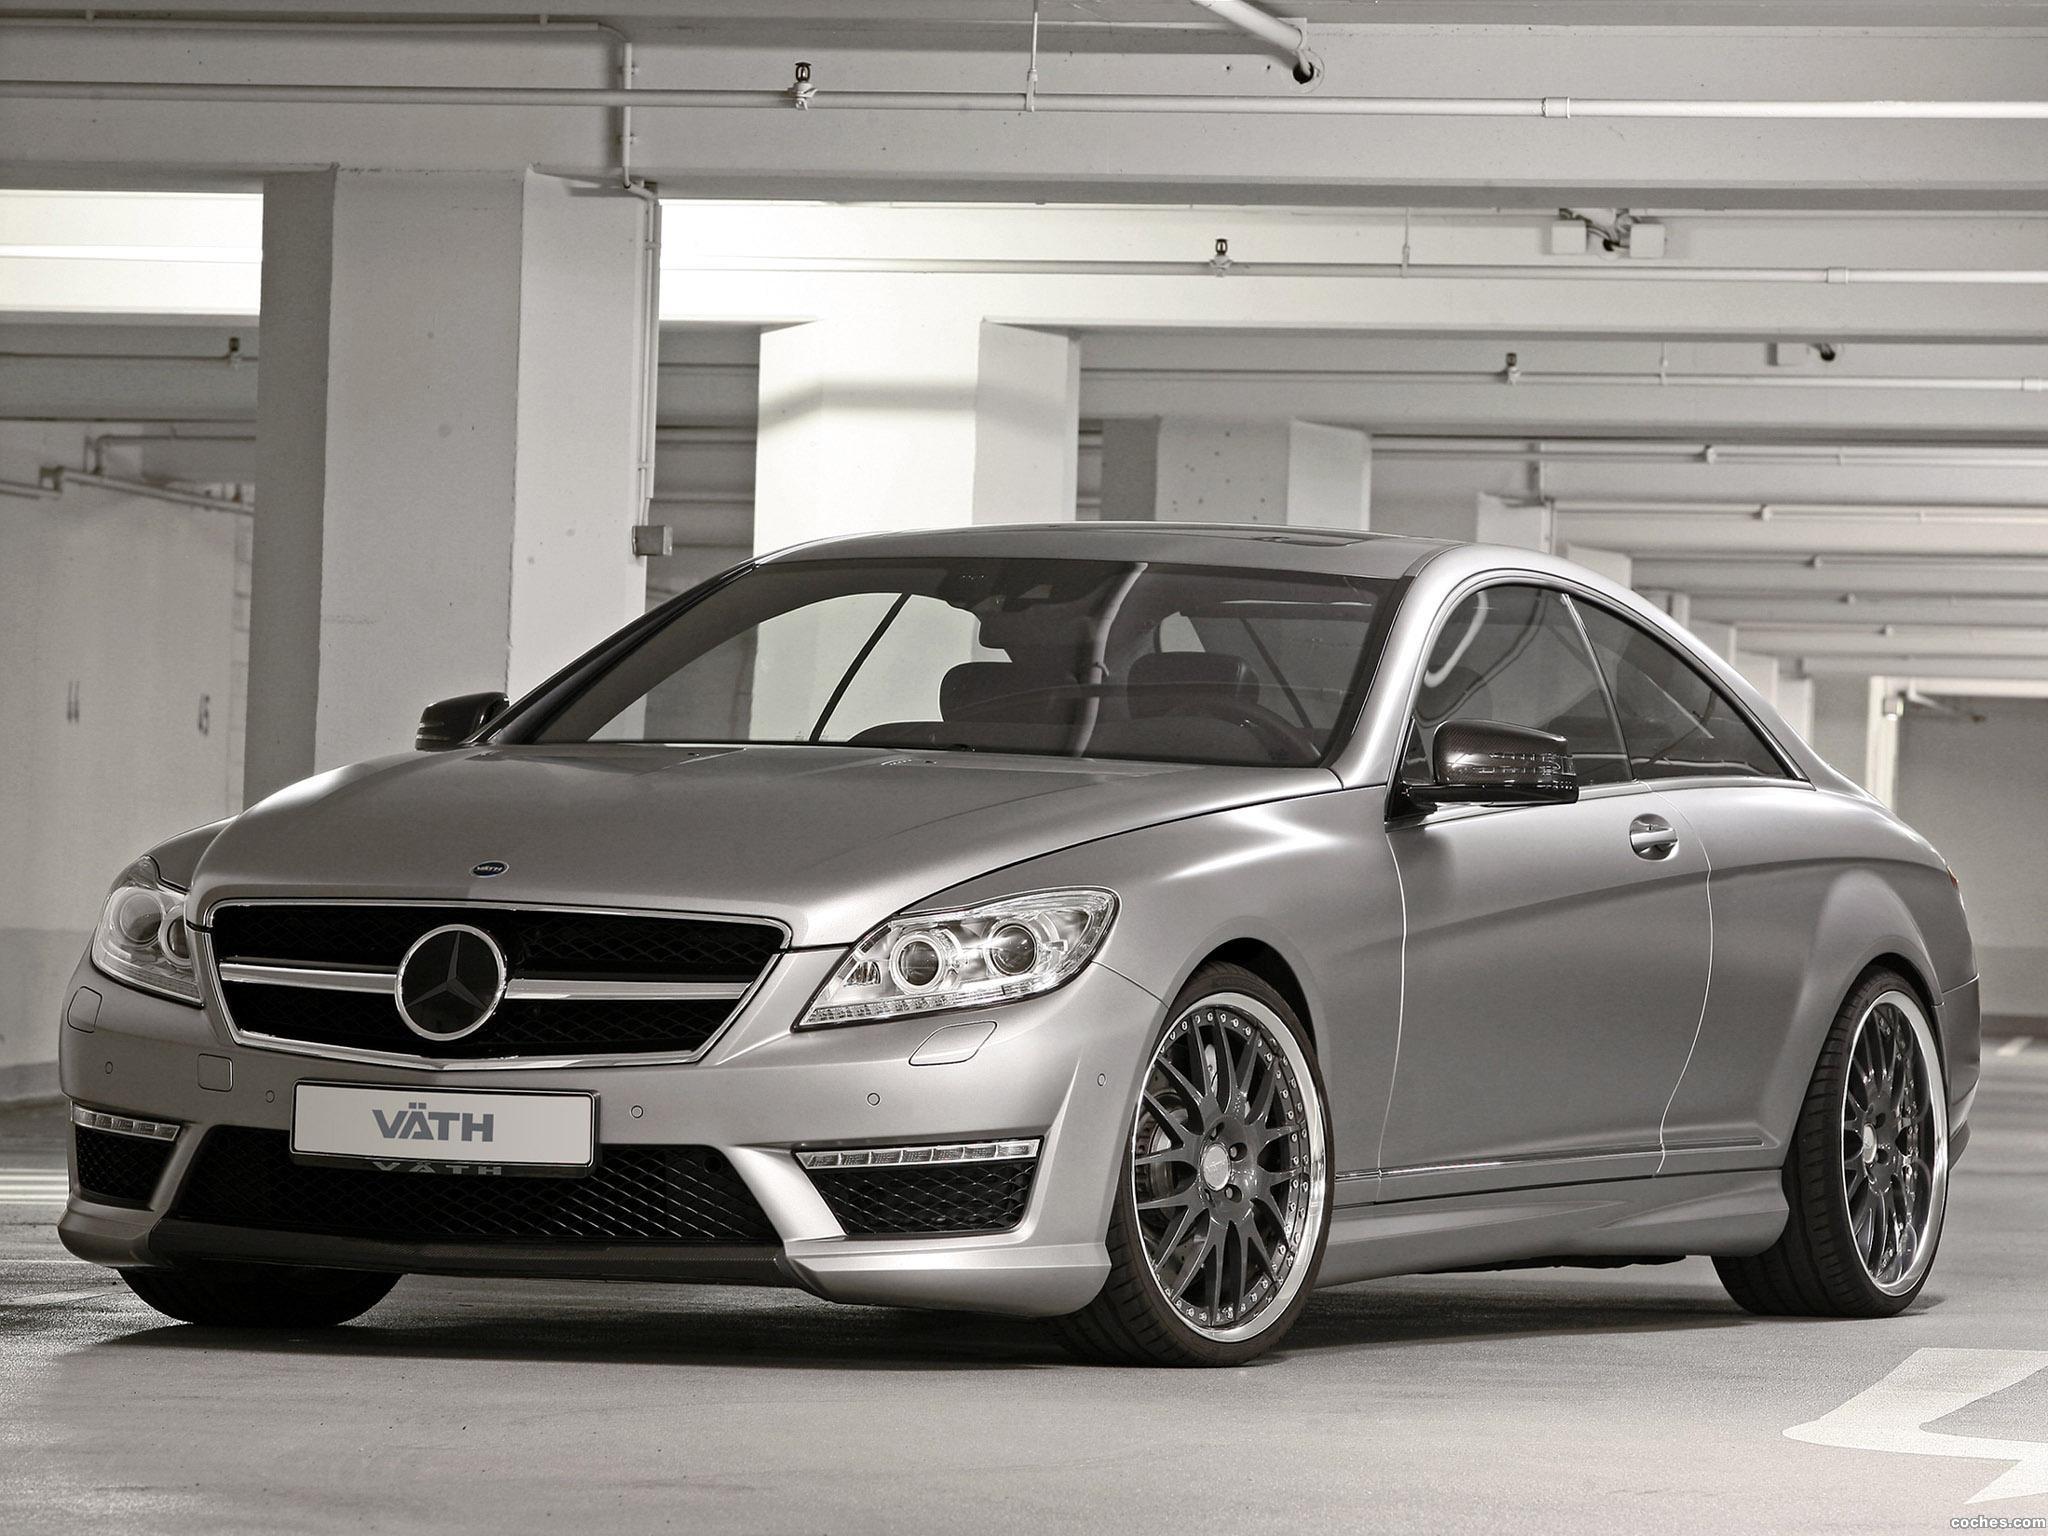 Foto 0 de Vath Mercedes Clase CL CL65 AMG C216 2011